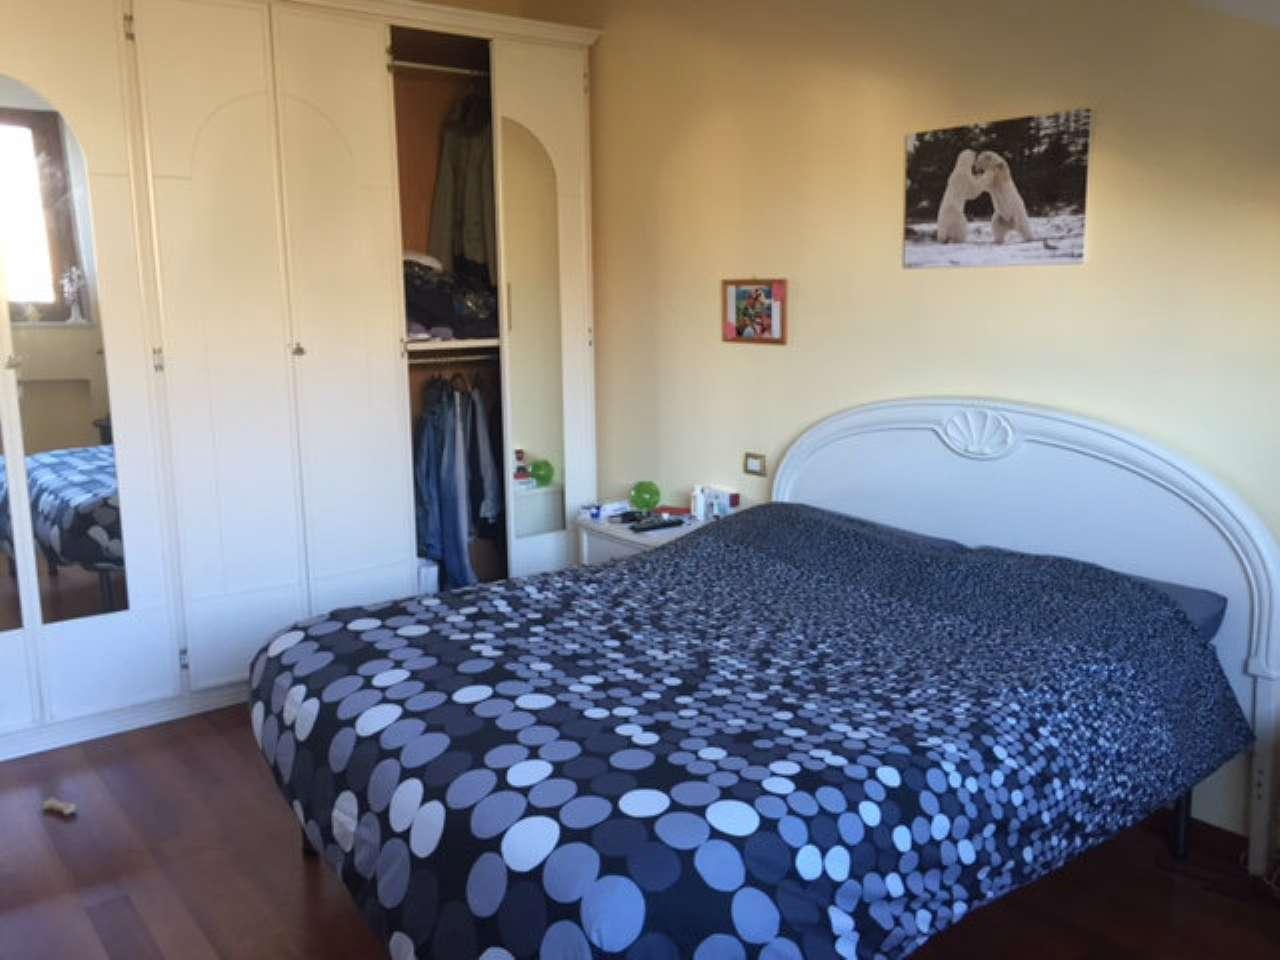 Appartamento in vendita a Santa Giustina, 5 locali, prezzo € 118.000 | CambioCasa.it